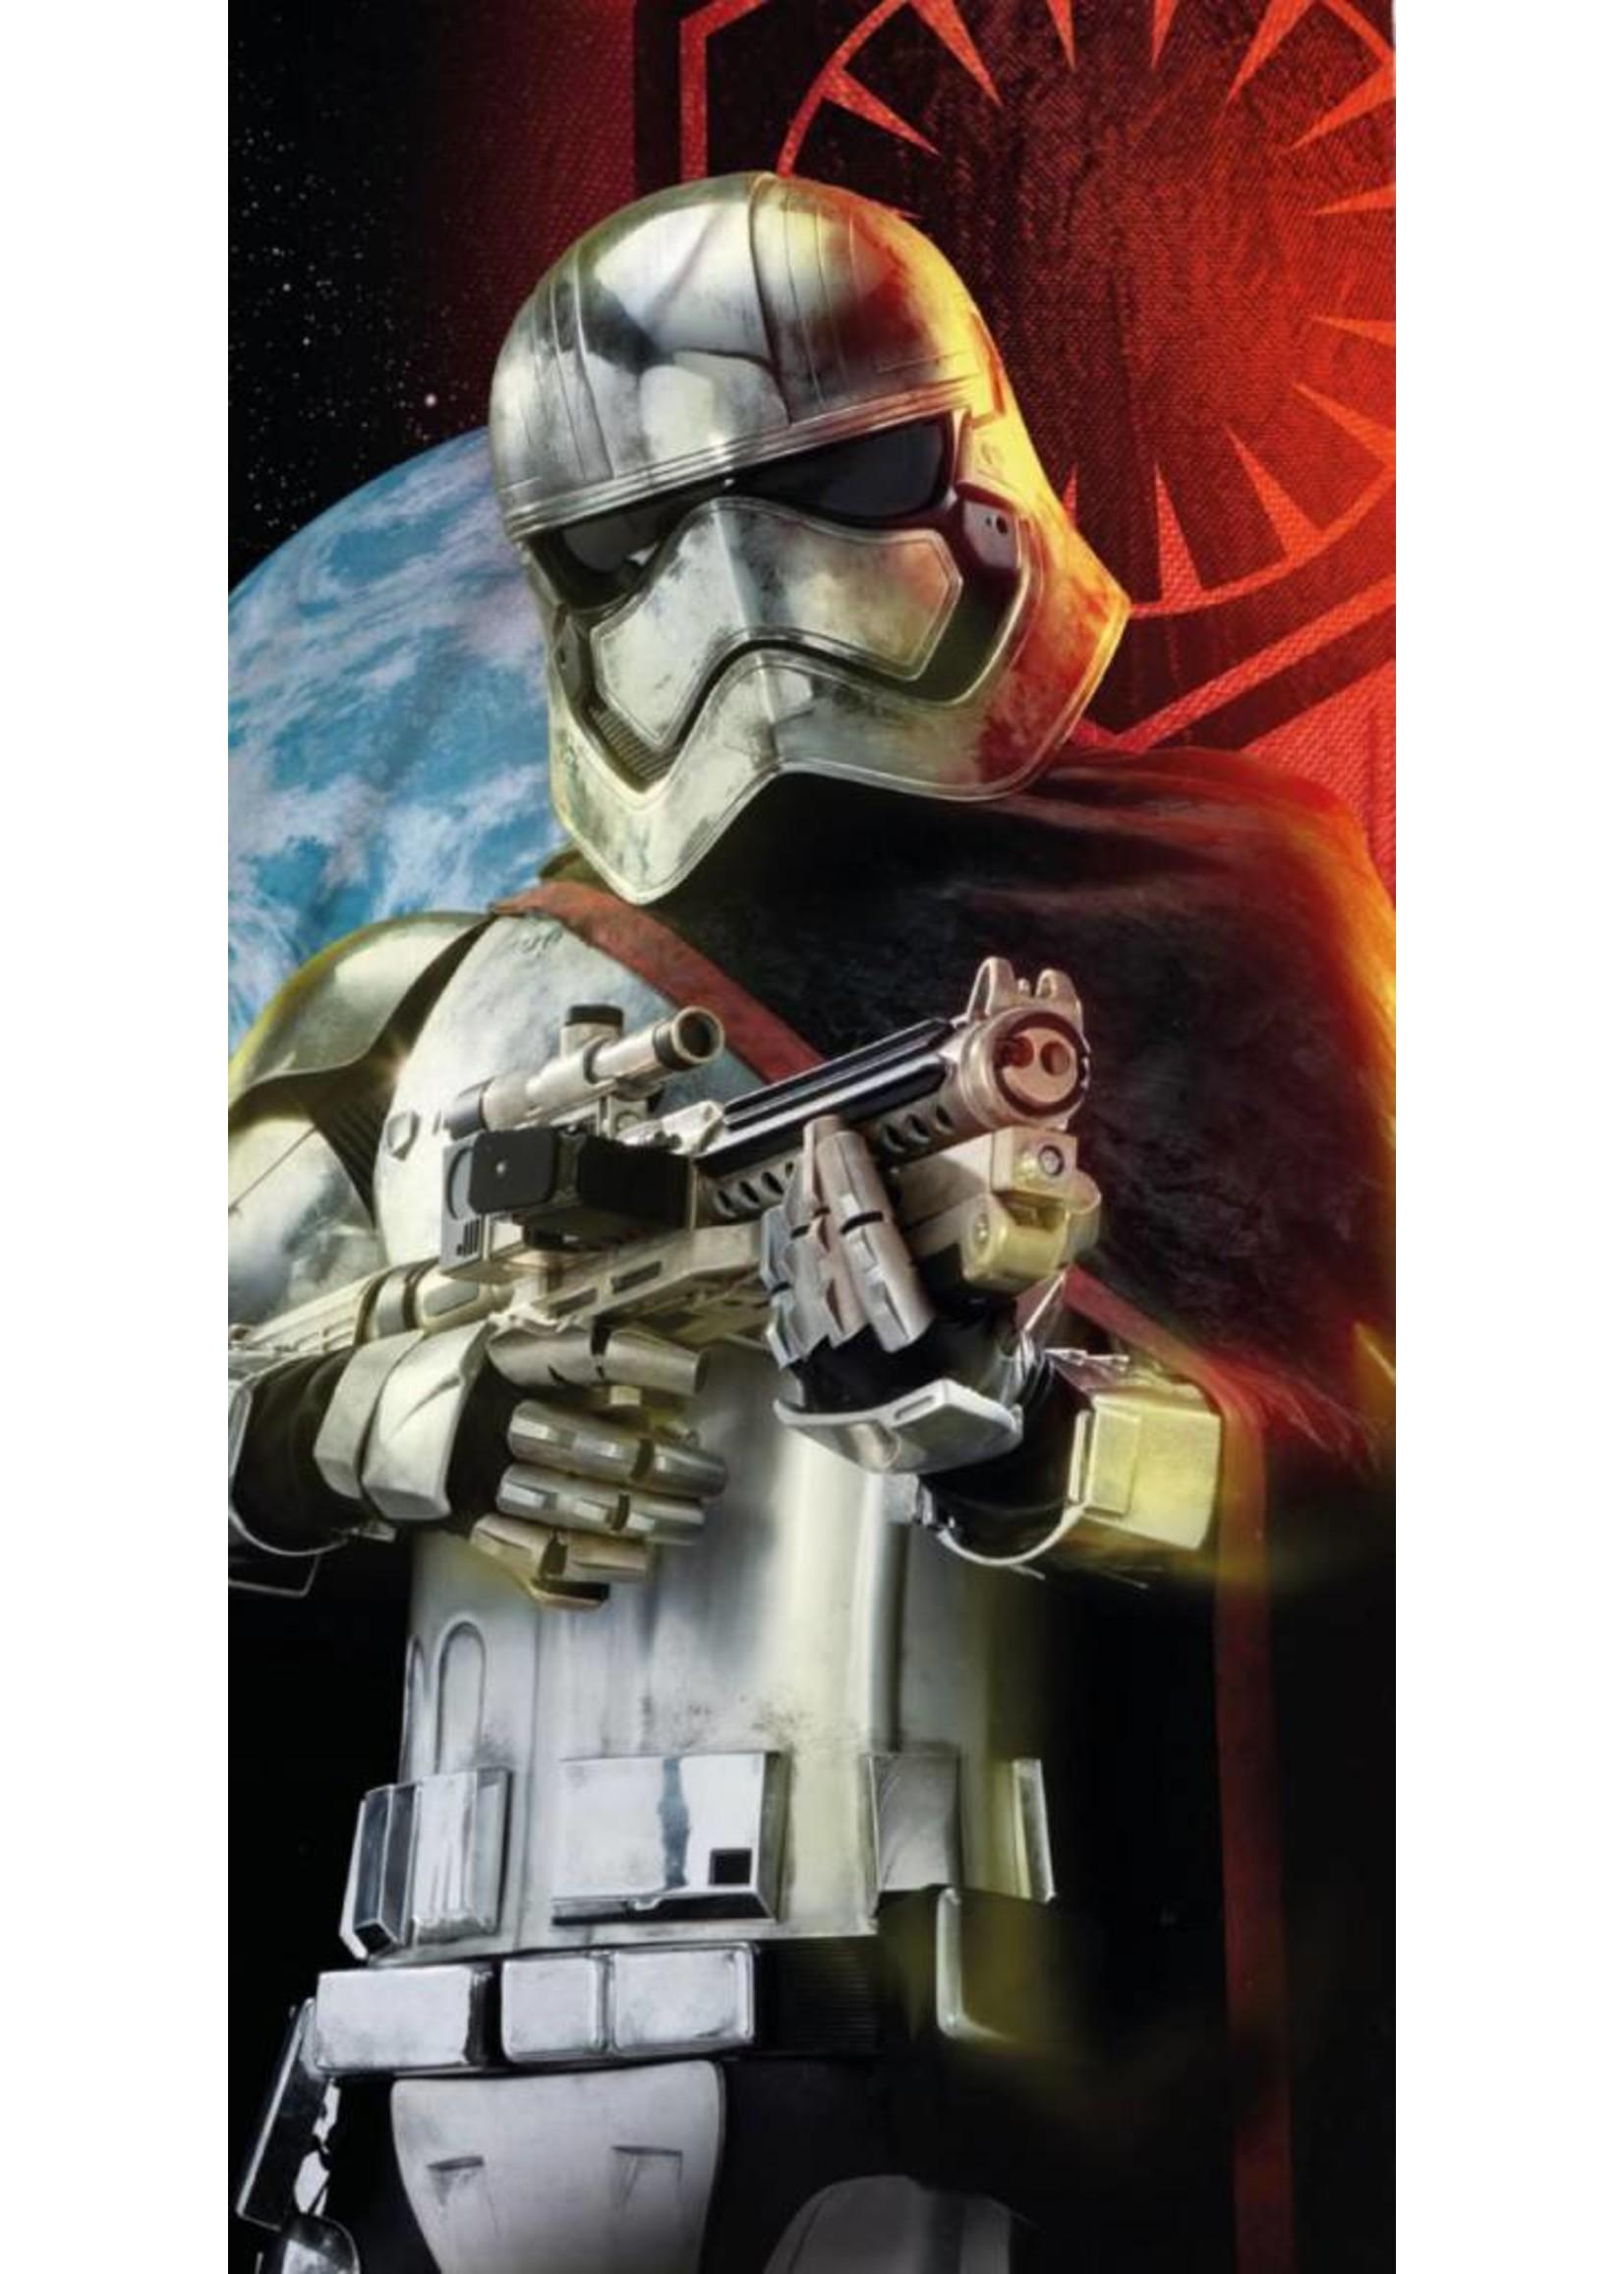 Star Wars Star Wars Handdoek Kapitein Phasma